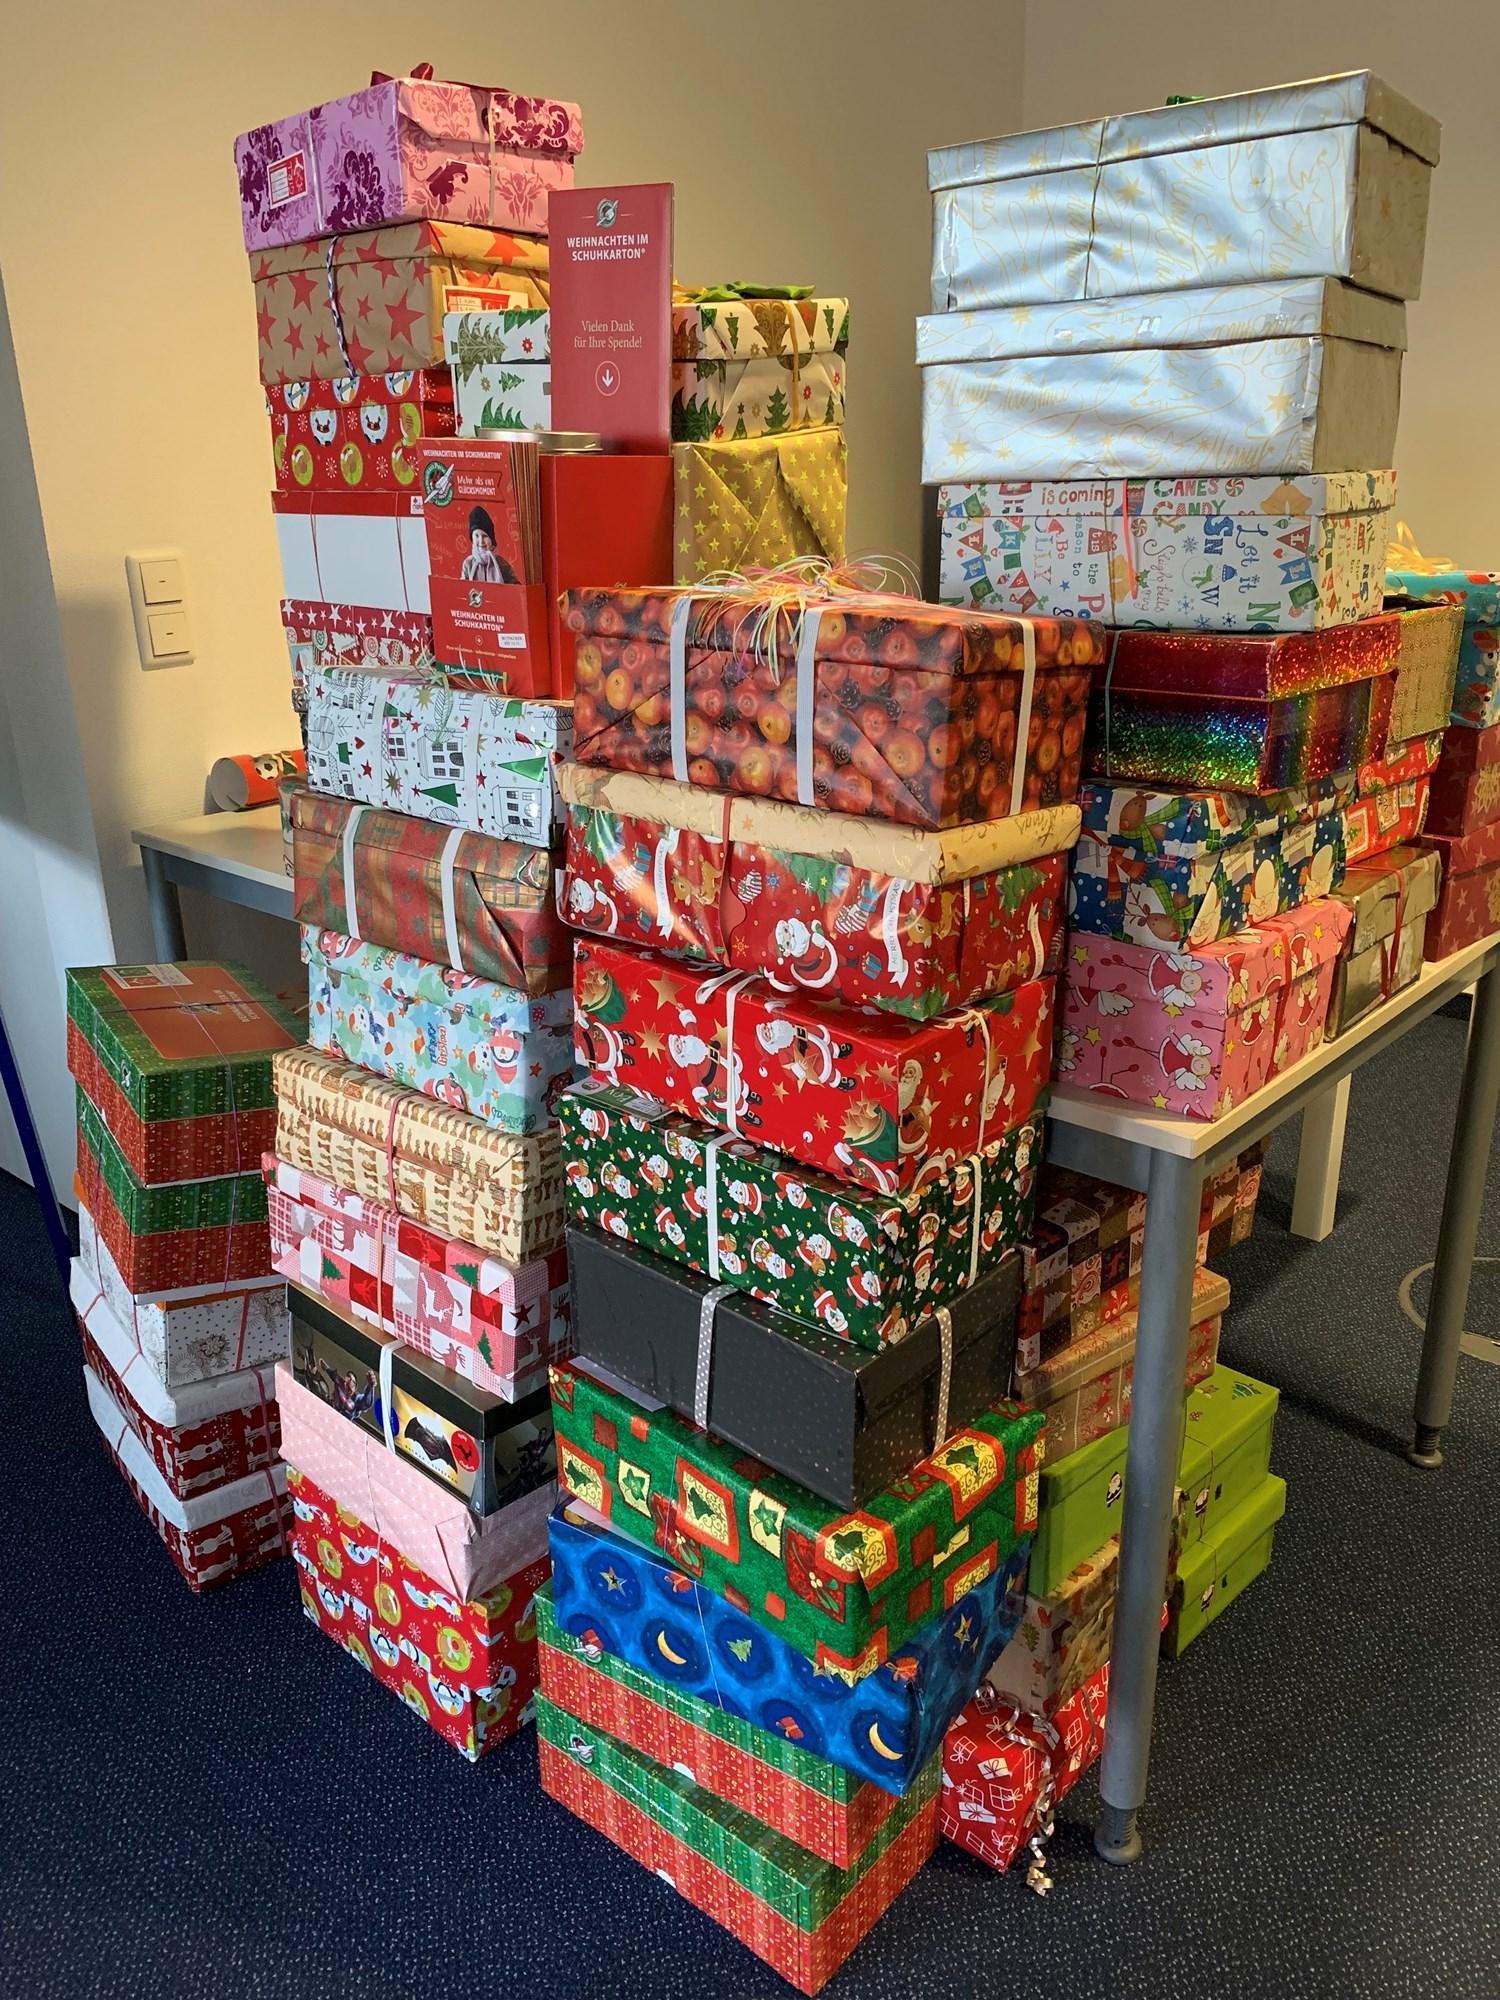 Schuhkarton Weihnachten.Wohin Geht Mein Schuhkarton Bruneo Business Center Bruhl